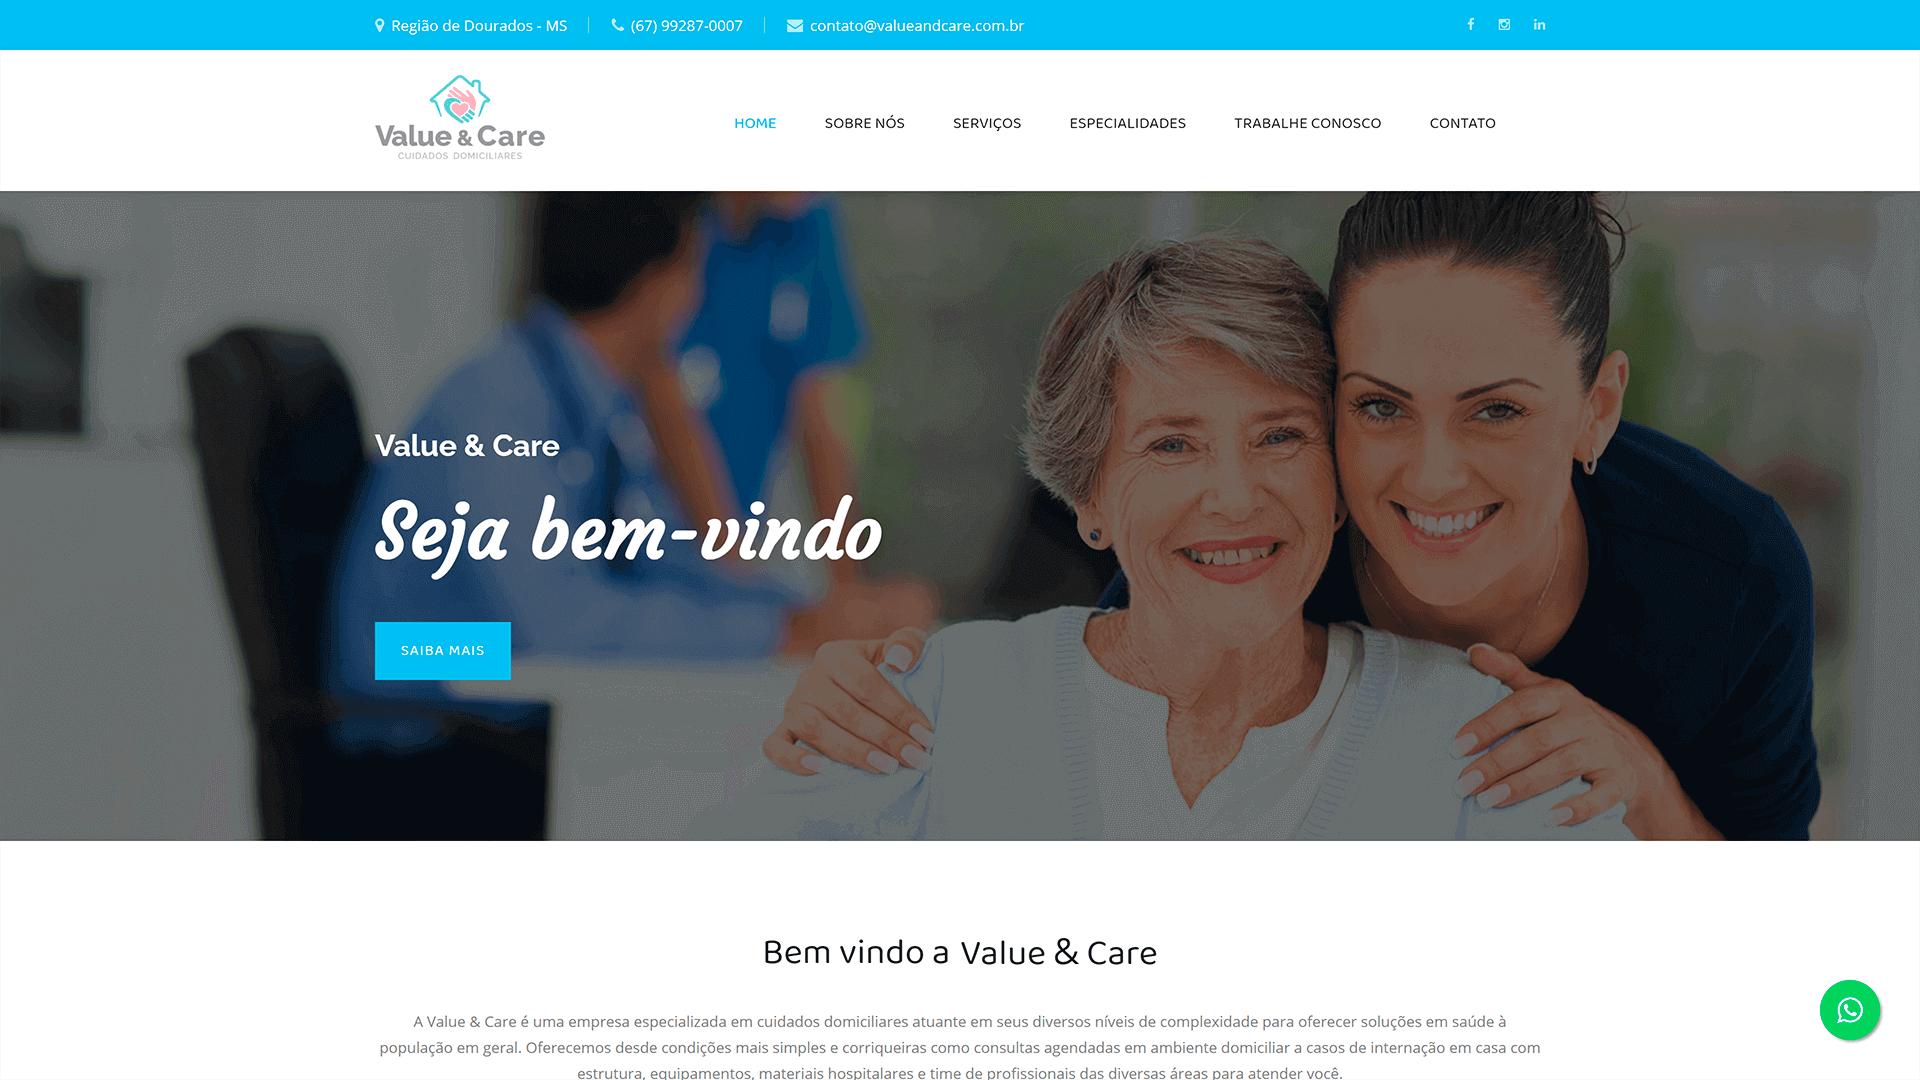 Value & Care